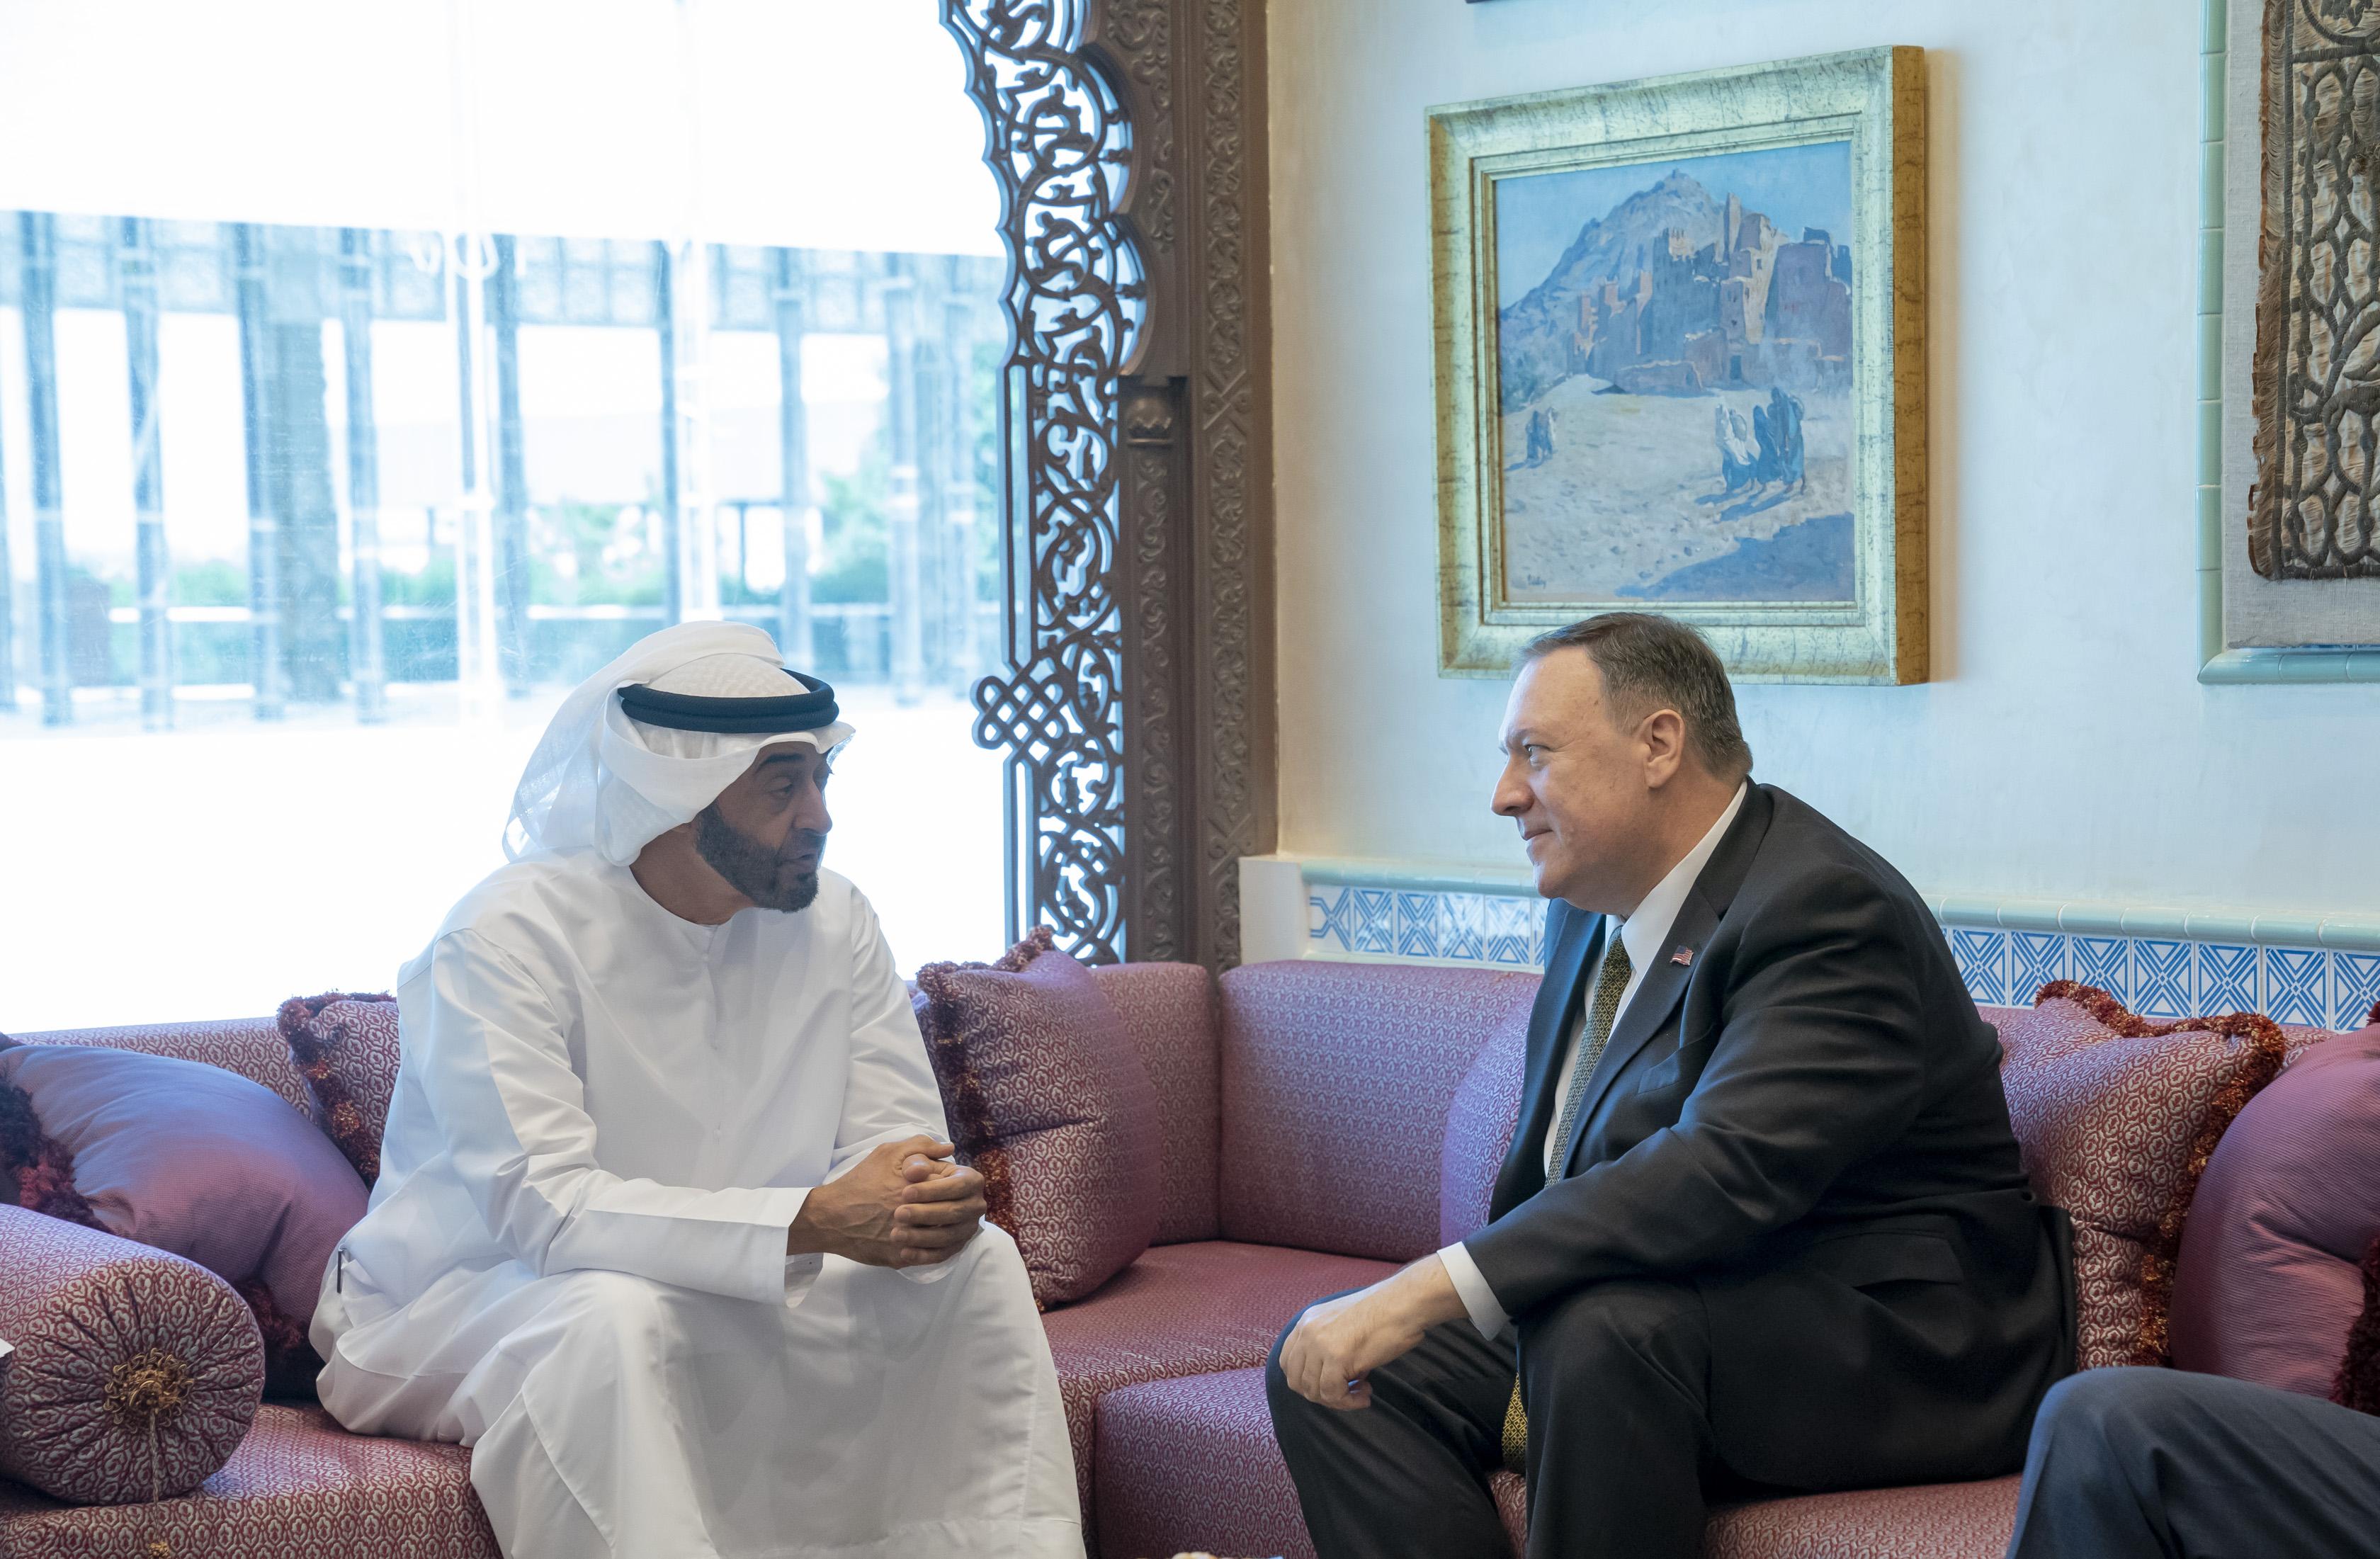 محمد بن زايد و وزير الخارجية الأميركي يبحثان علاقات البلدين و التطورات الإقليمية